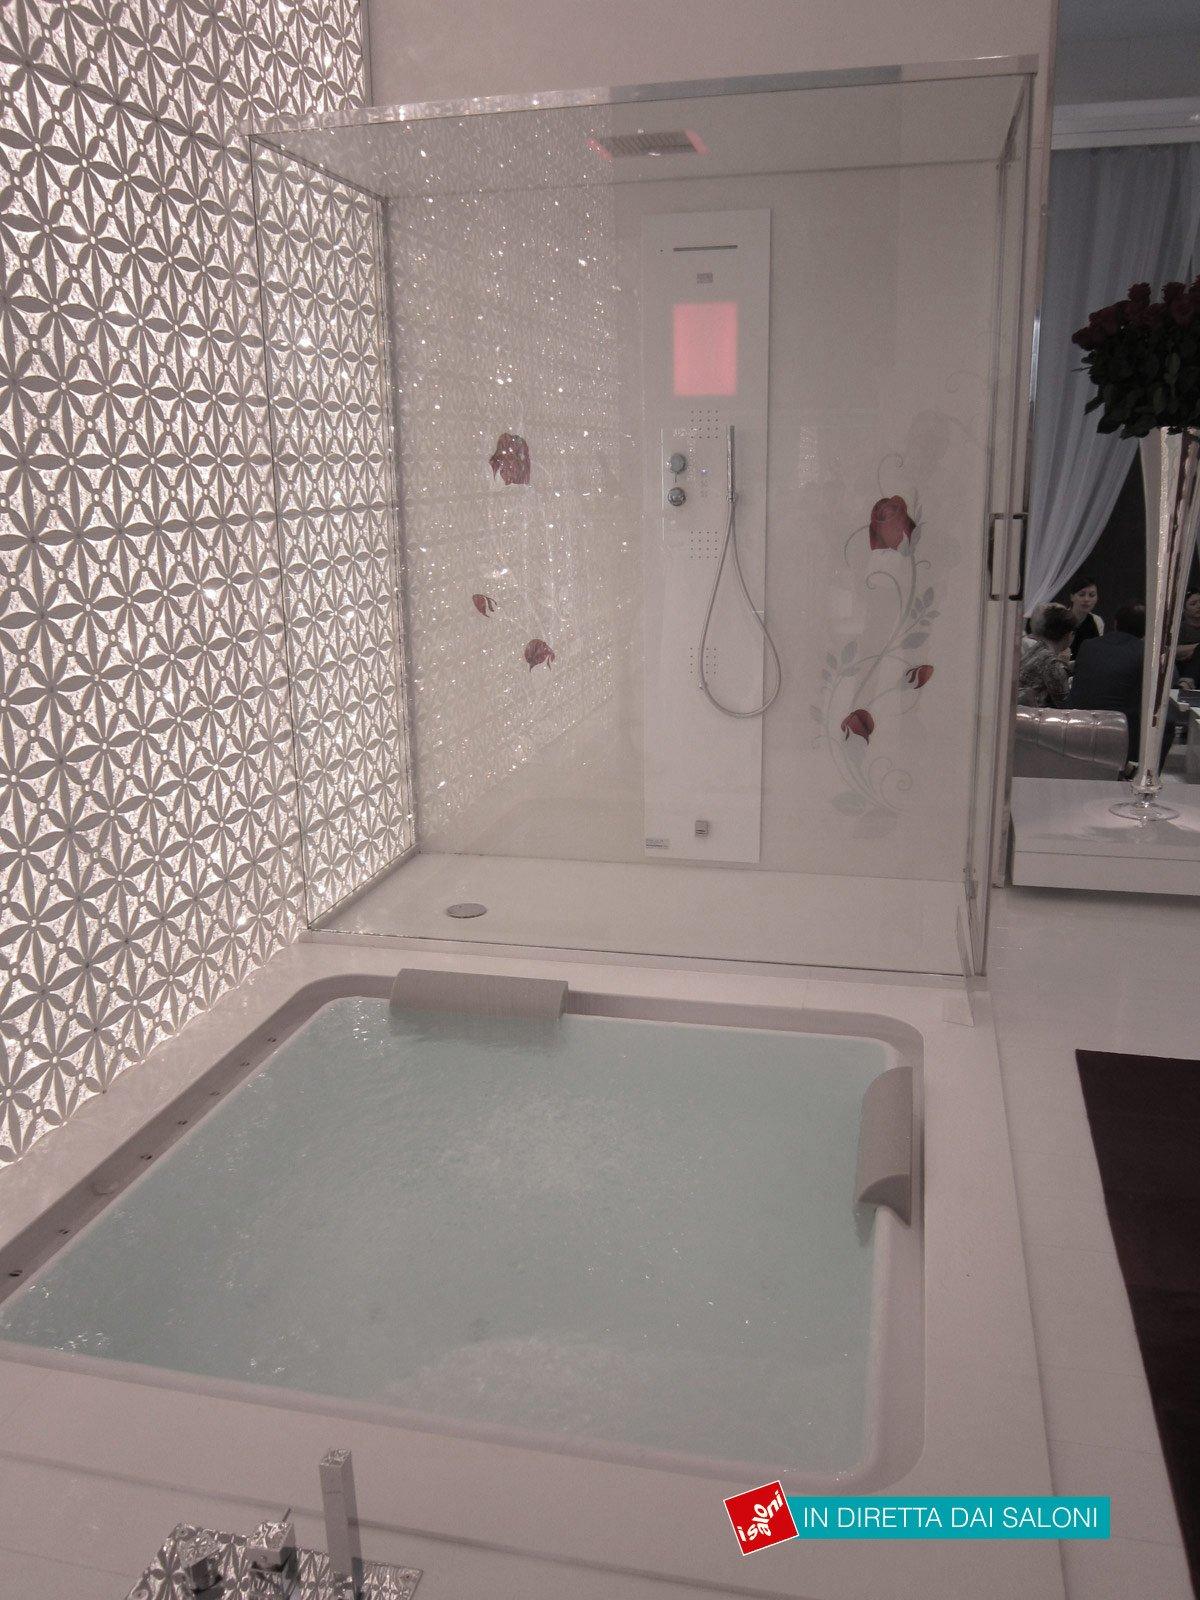 Design week 2014 la vasca da bagno esce dall 39 anonimato - La migliore rubinetteria da bagno ...